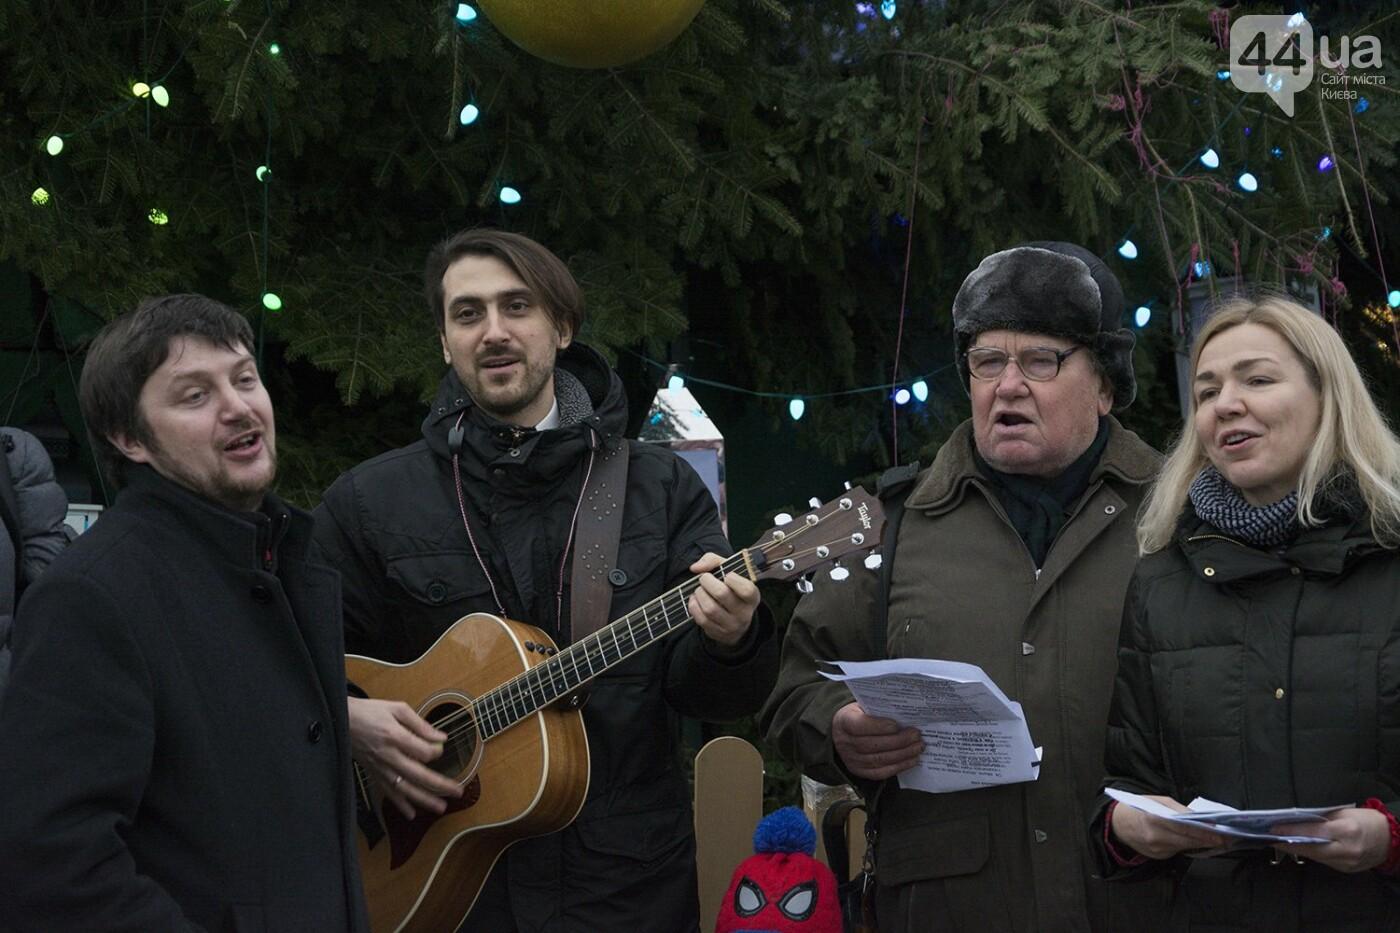 Вертеп, колядки и дидух: как на Софийской площади праздновали Рождество, фото-1